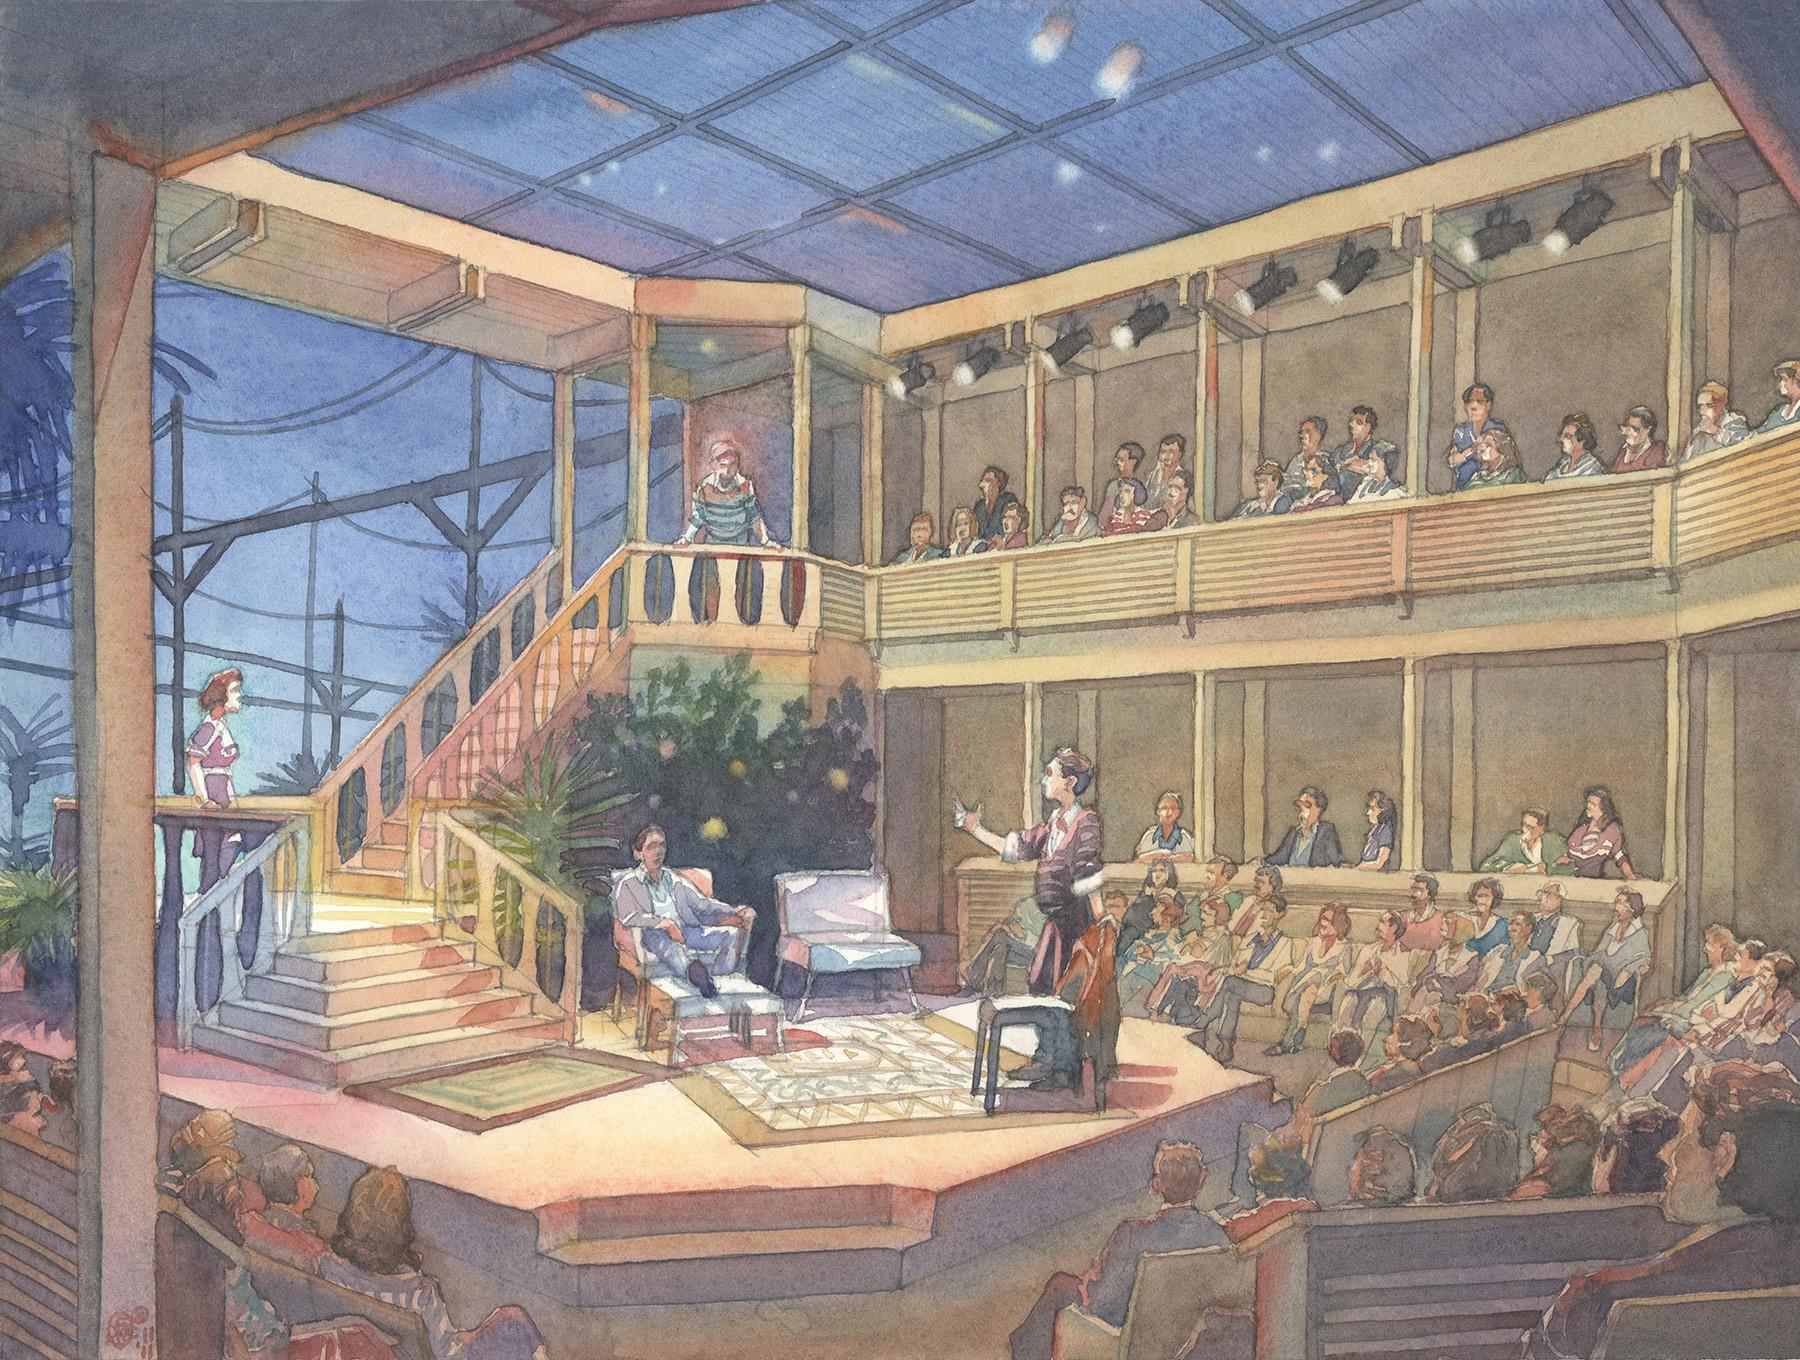 Gorton-Theater-Gloucester-Epstein-Joslin-03.jpg